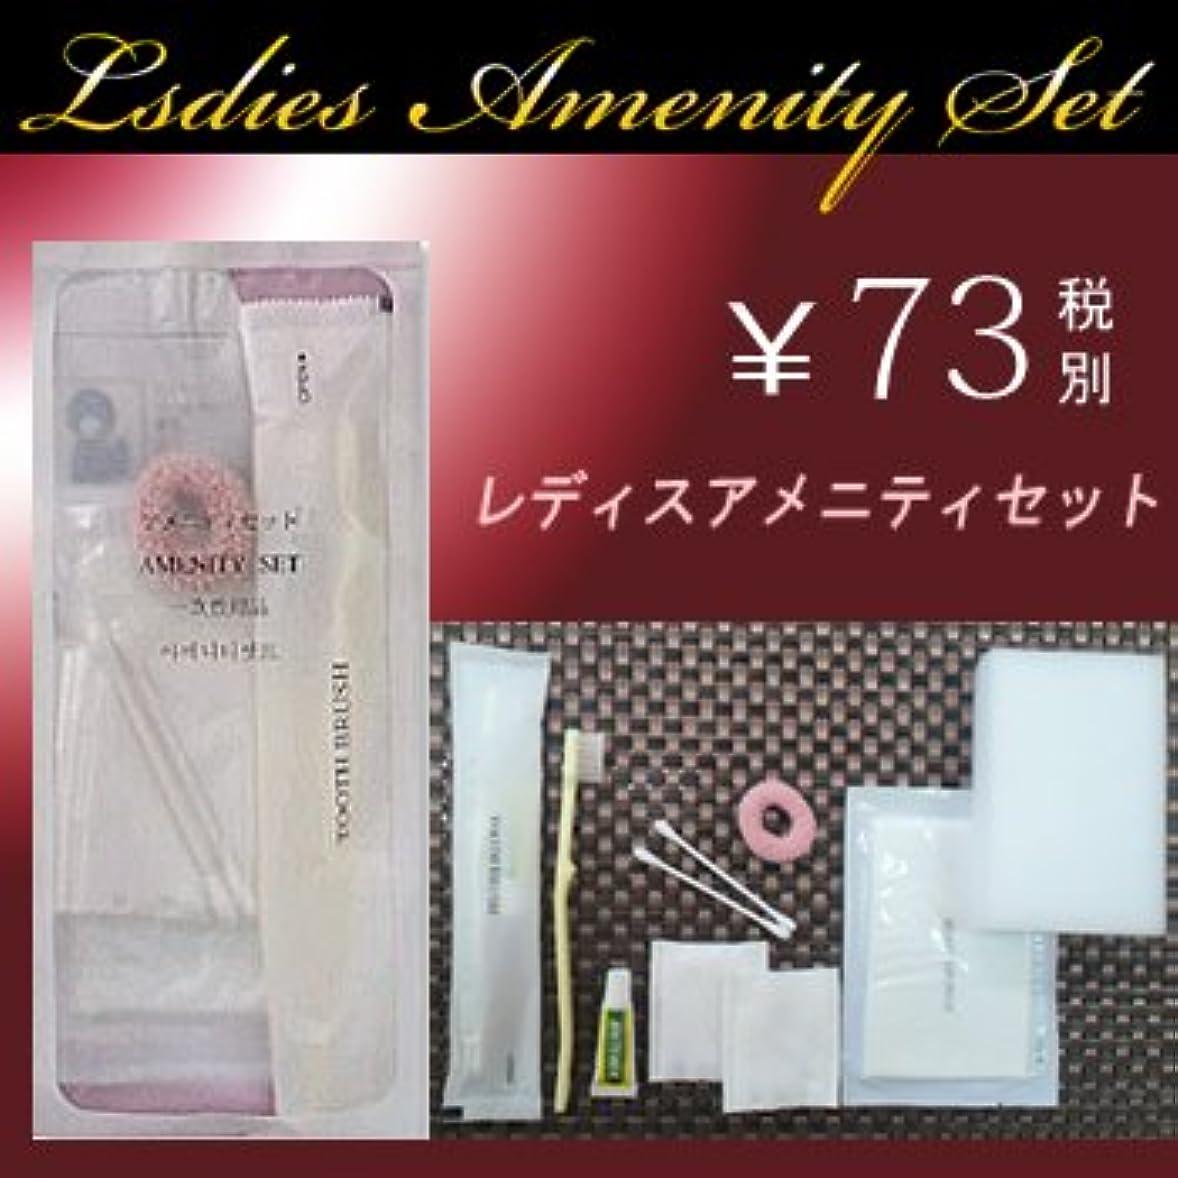 ランドリー棚正確なレディスアメニティフルセット袋入(1セット300個入)